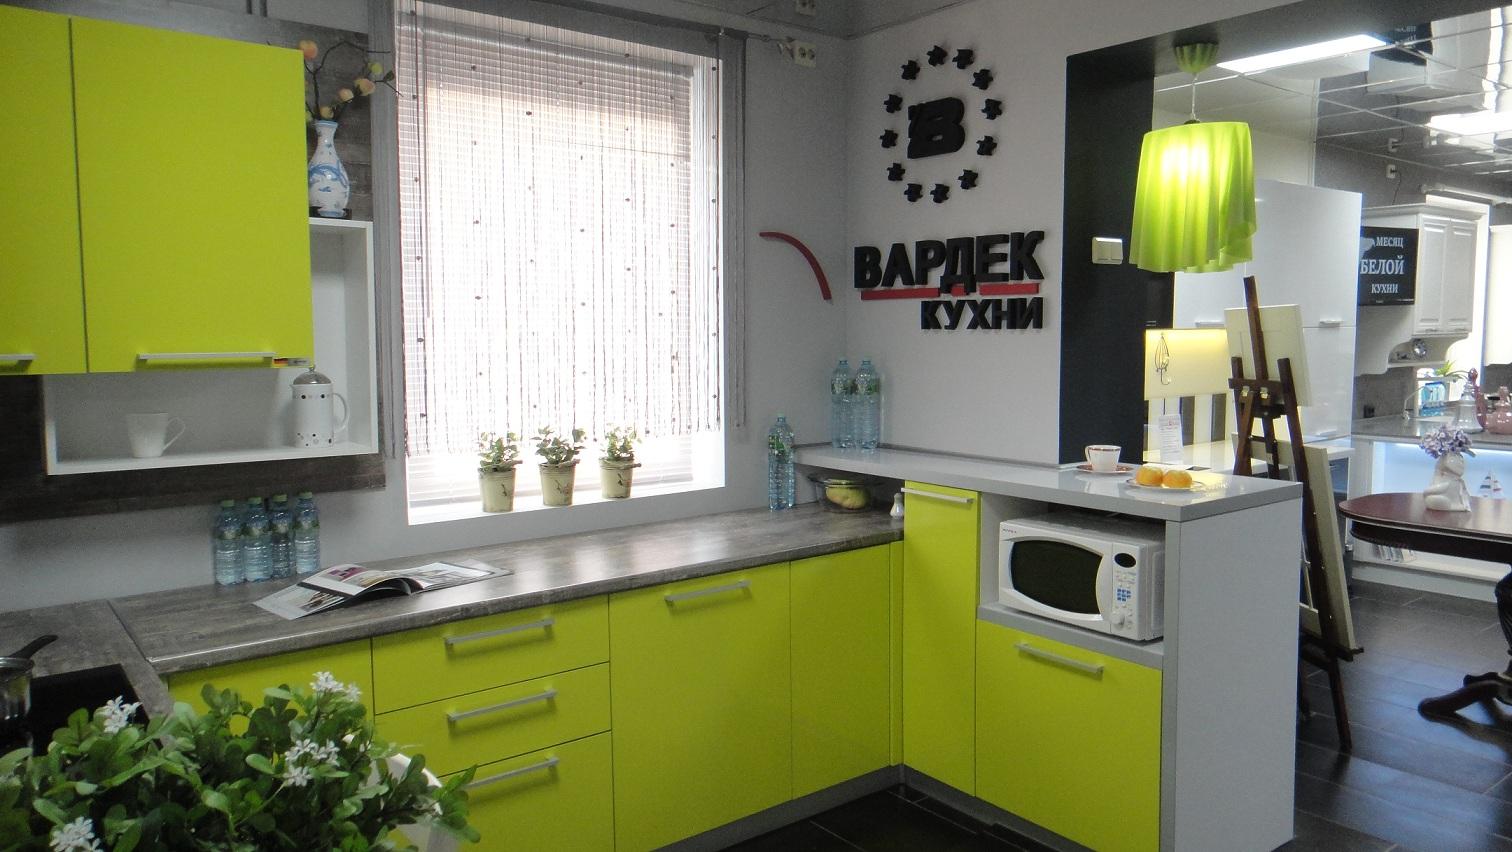 кухни Вардек фото